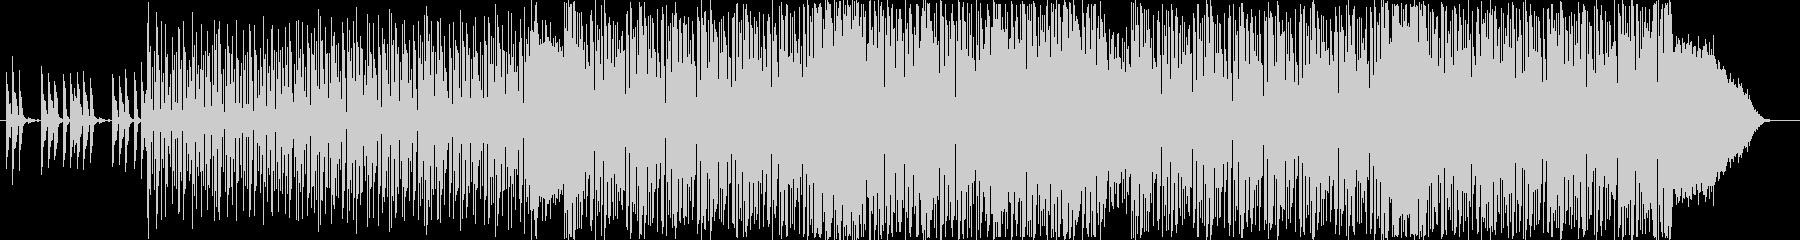 弾むような金属的な音の連続の未再生の波形